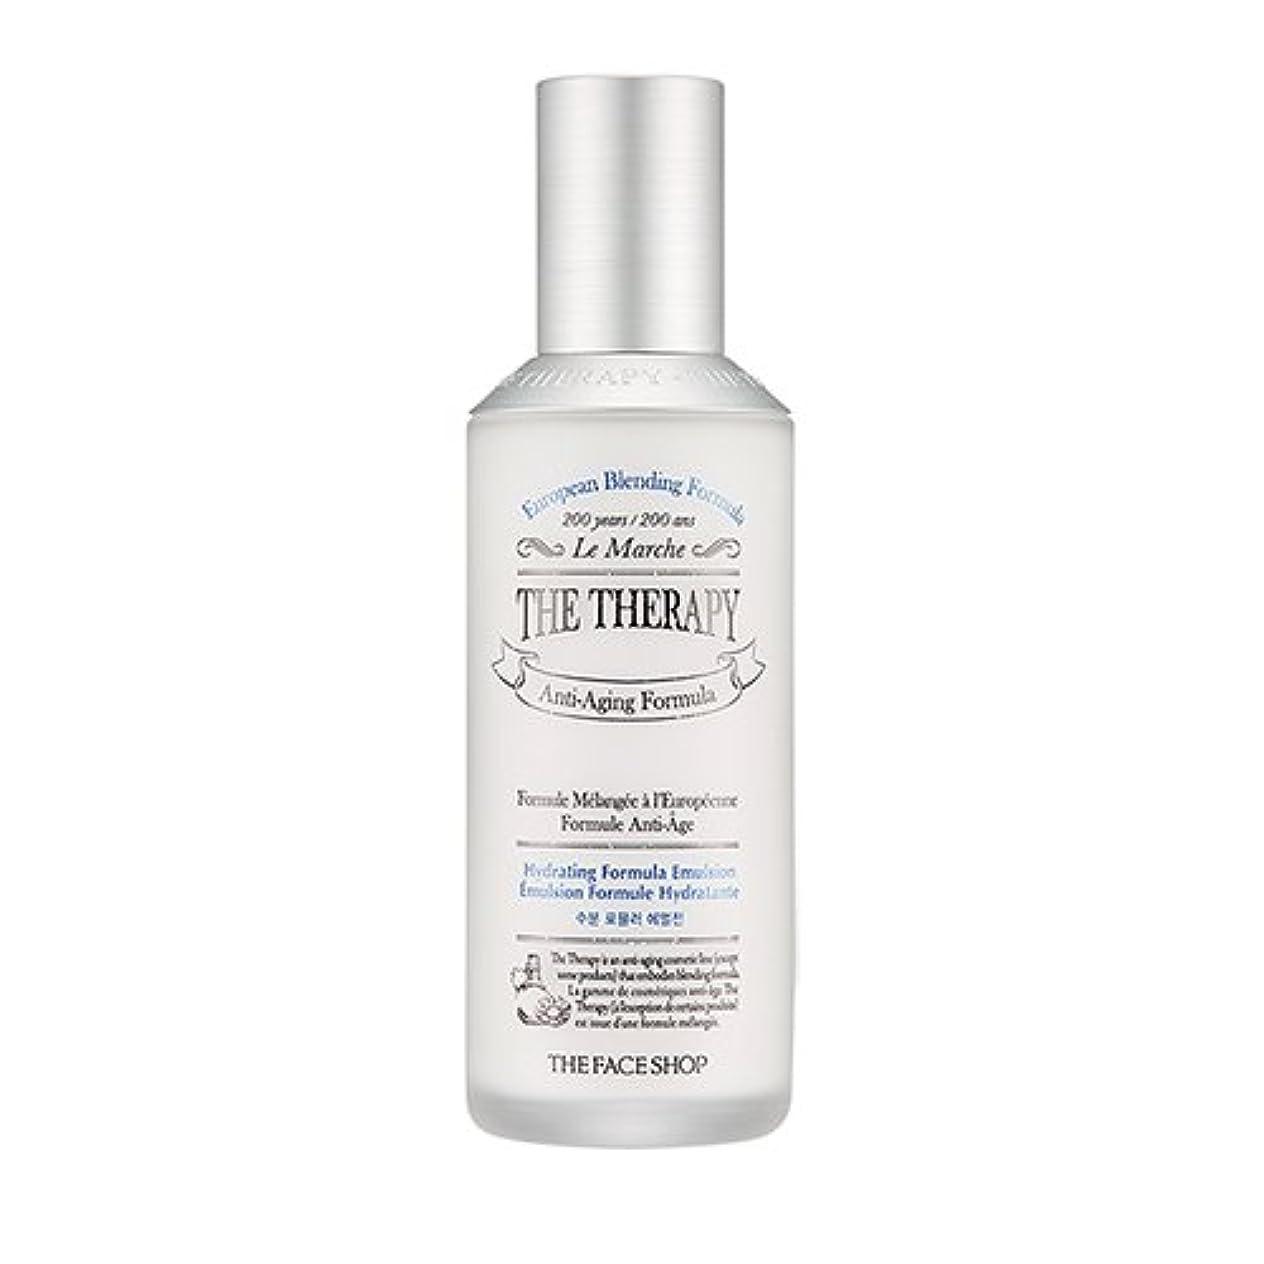 コースタールおなじみのTHE FACE SHOP The Therapy Hydrating Formula Emulsion 130ml/ザフェイスショップ ザ セラピー ハイドレーティング フォーミュラ エマルジョン 130ml